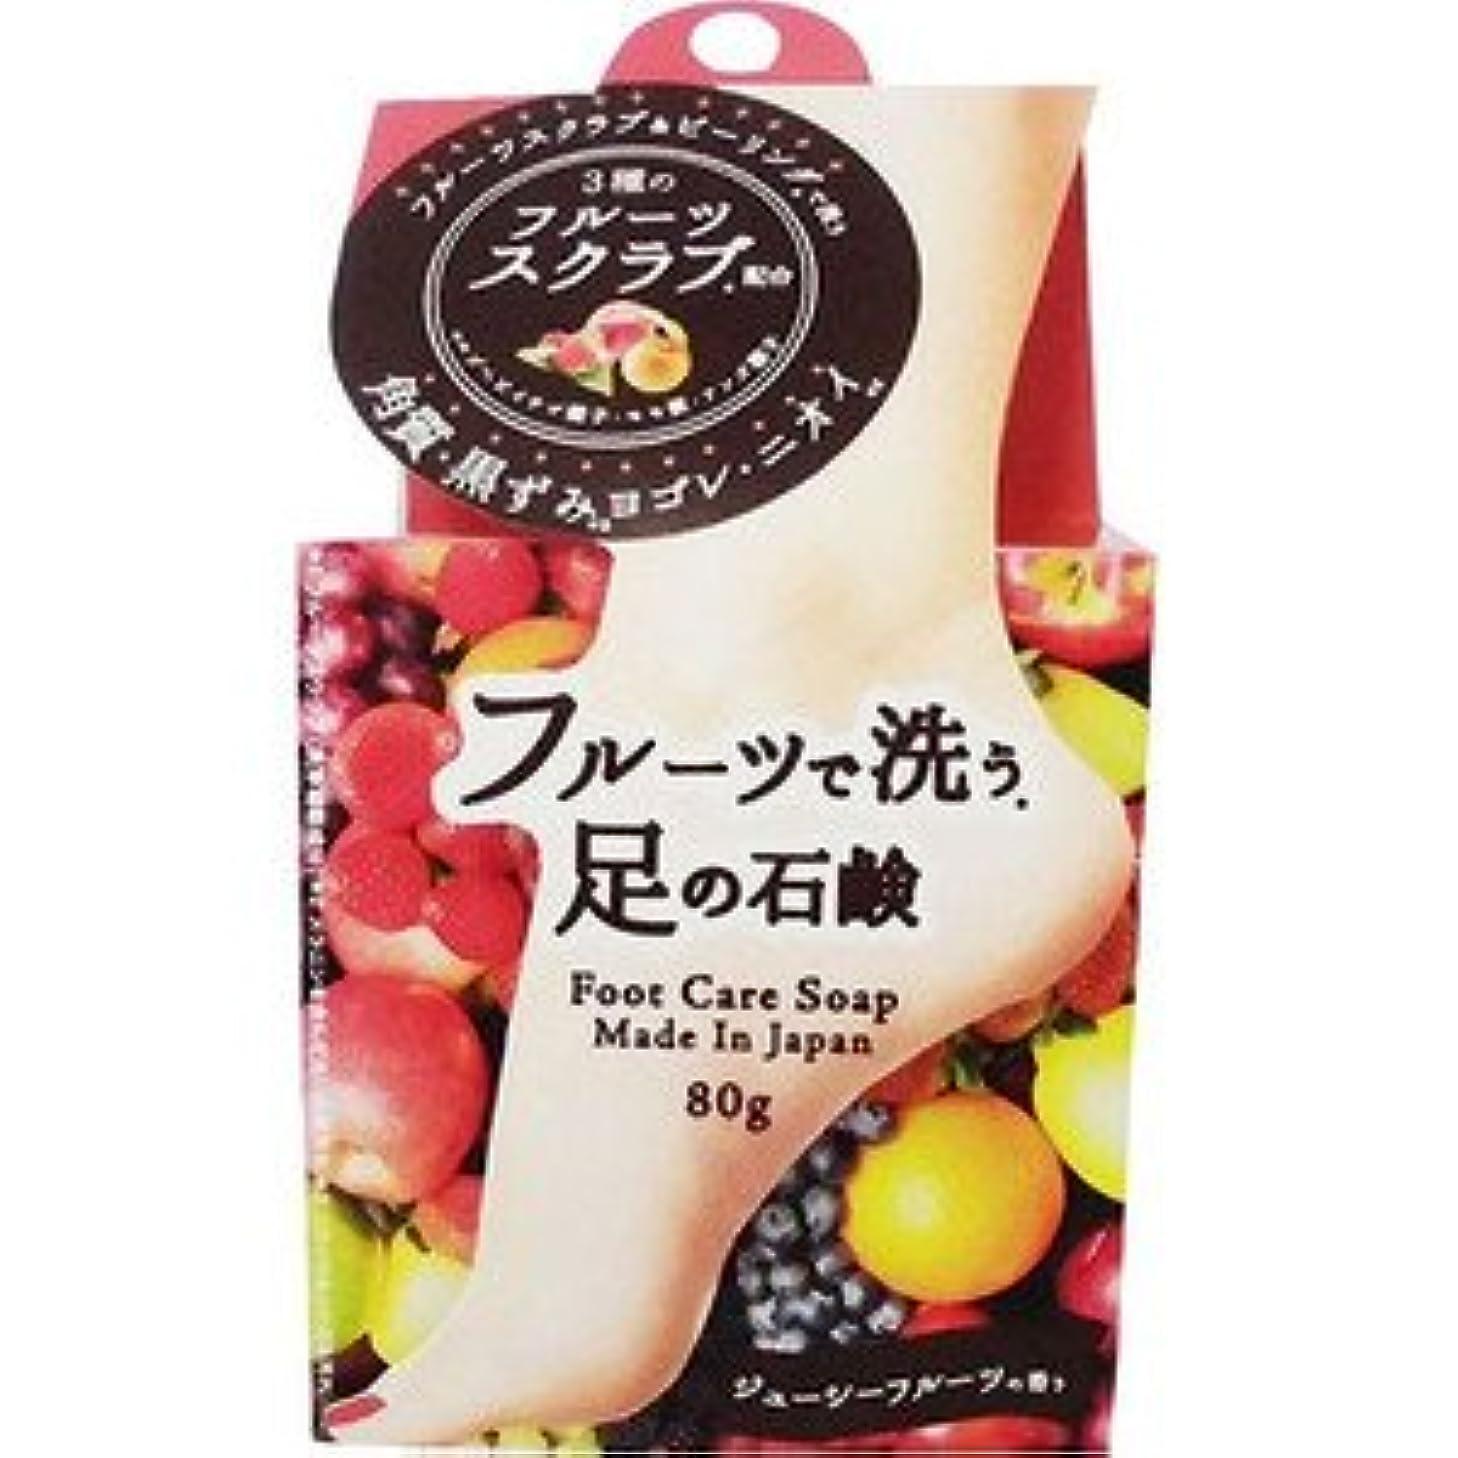 専門知識哀れなインストラクター(ペリカン石鹸)フルーツで洗う足の石鹸 ジューシーフルーツの香り 80g(お買い得3個セット)